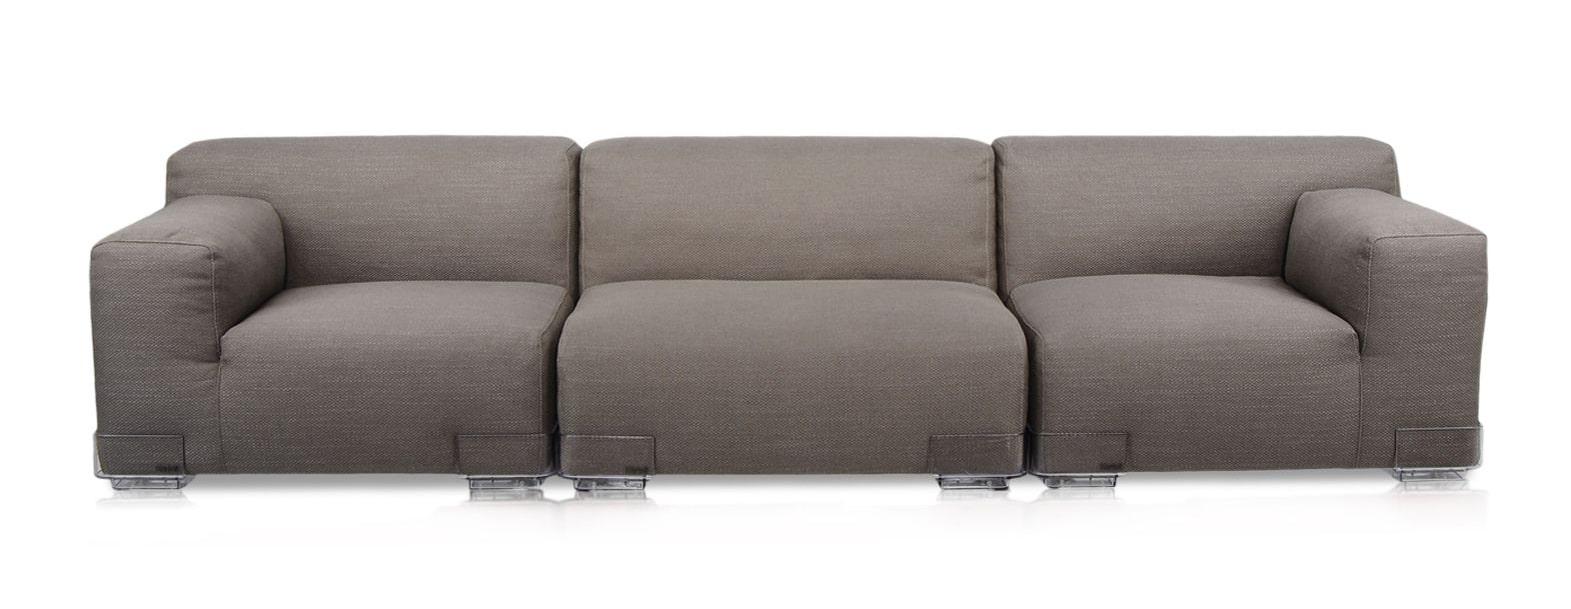 Canapea Plastics Duo (3 locuri)   KARTELL